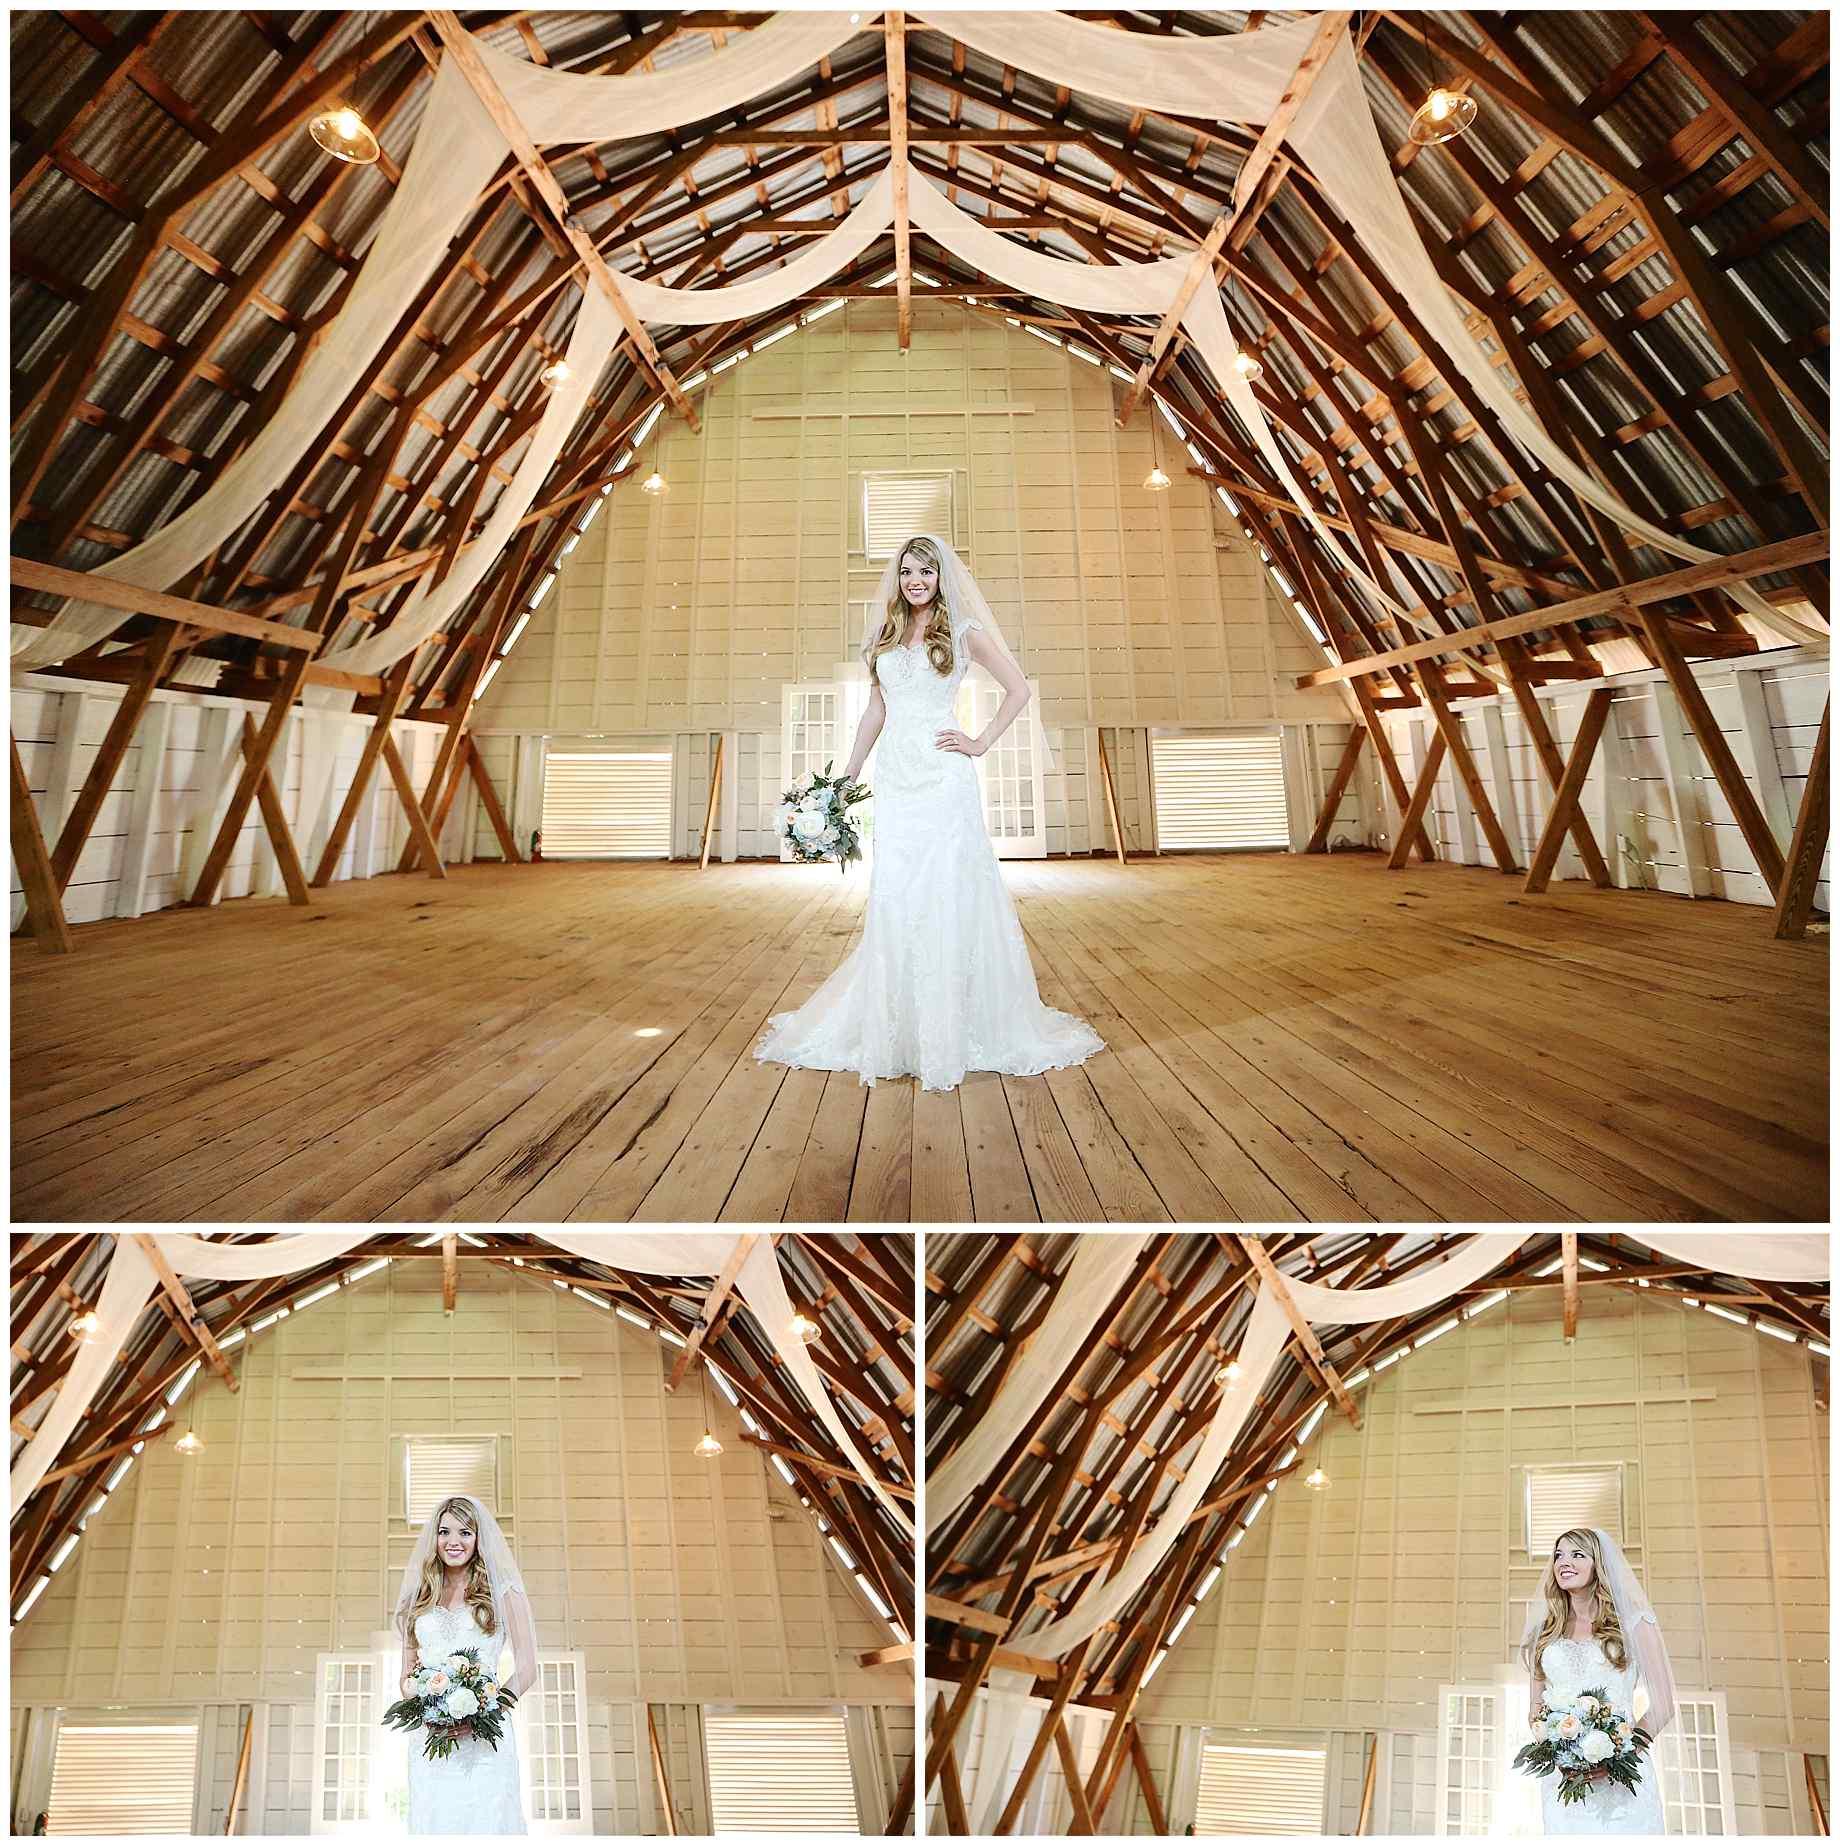 cedar-croft-plantation-wedding-photos-007